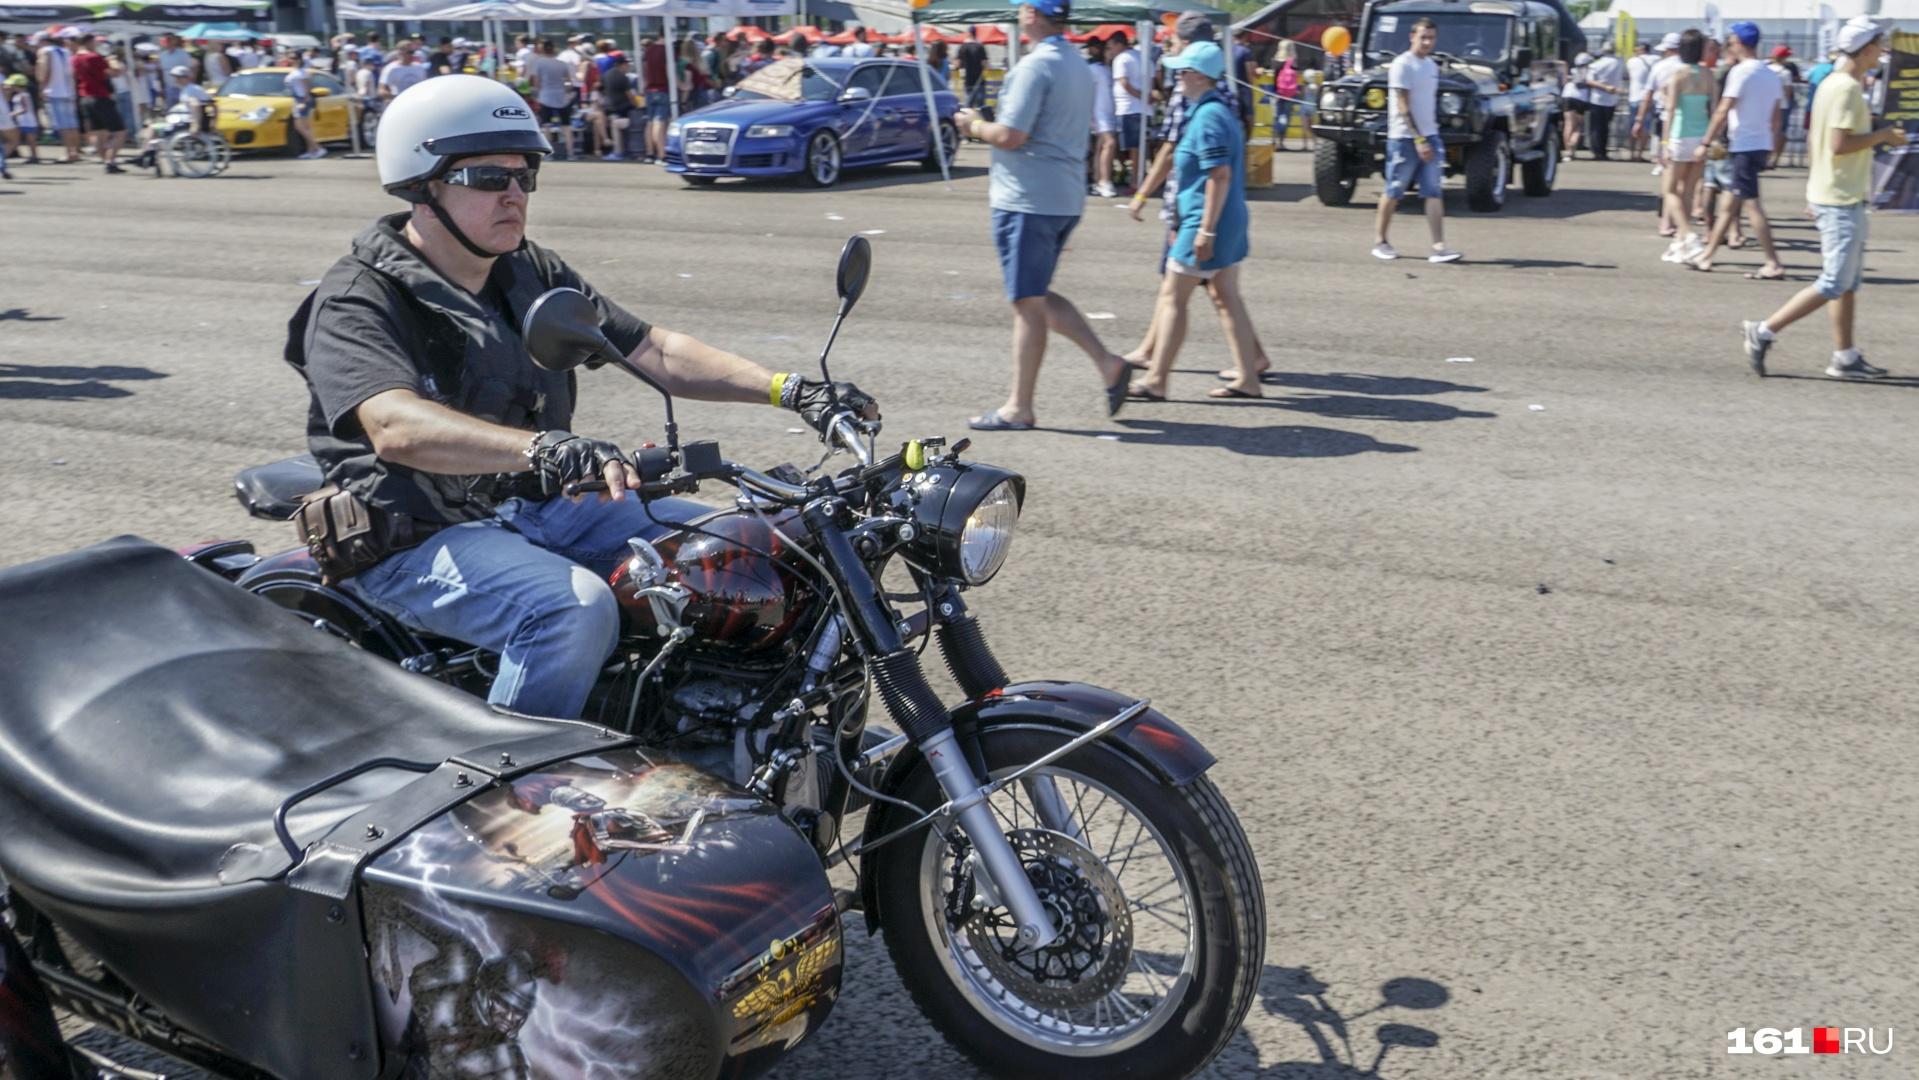 Мотоциклисты ждали своего заезда, фотографируясь с публикой